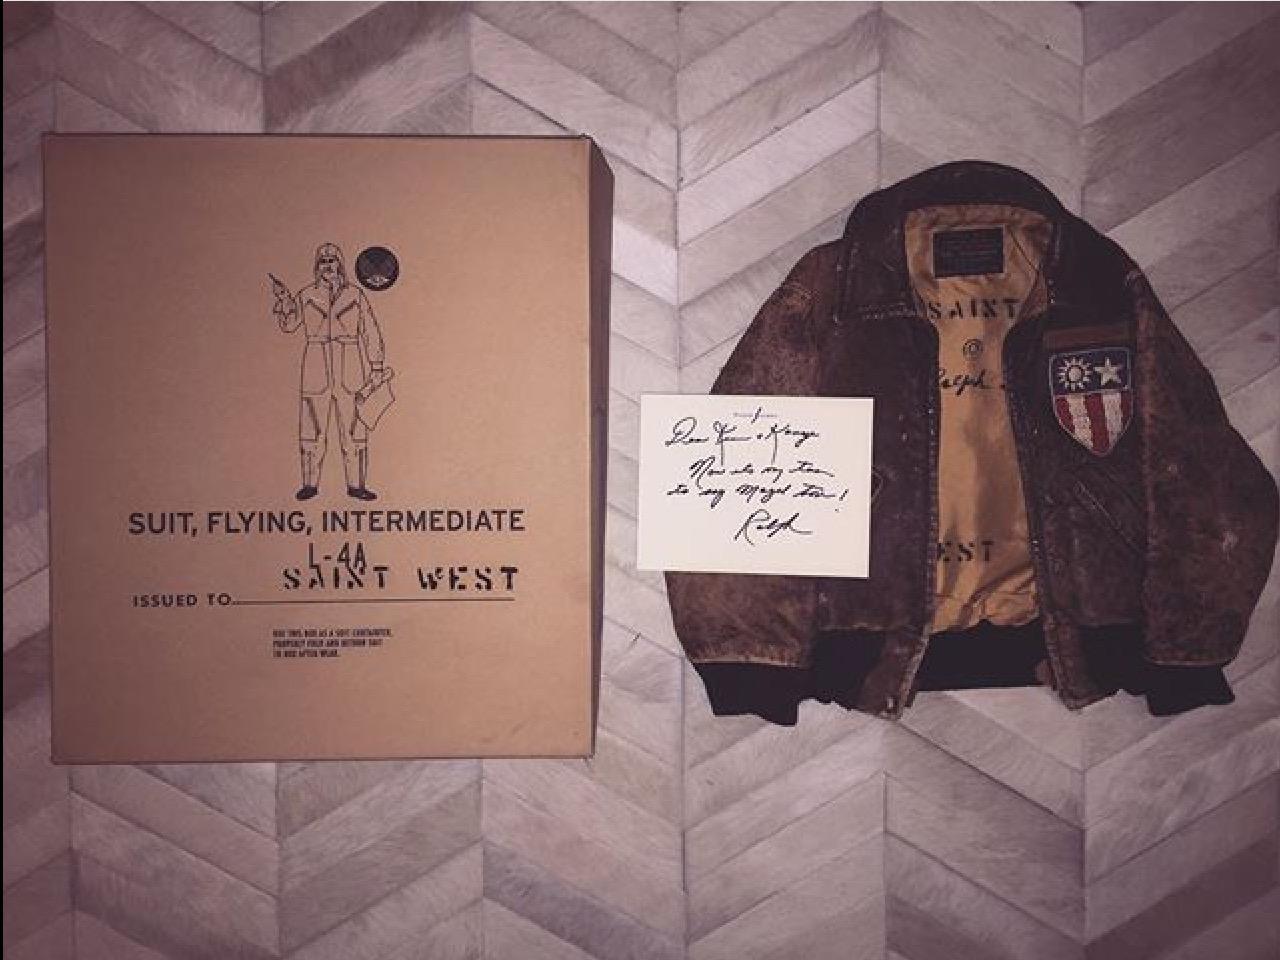 Lorsque Ralph Lauren offre une veste d'aviateur à Saint West